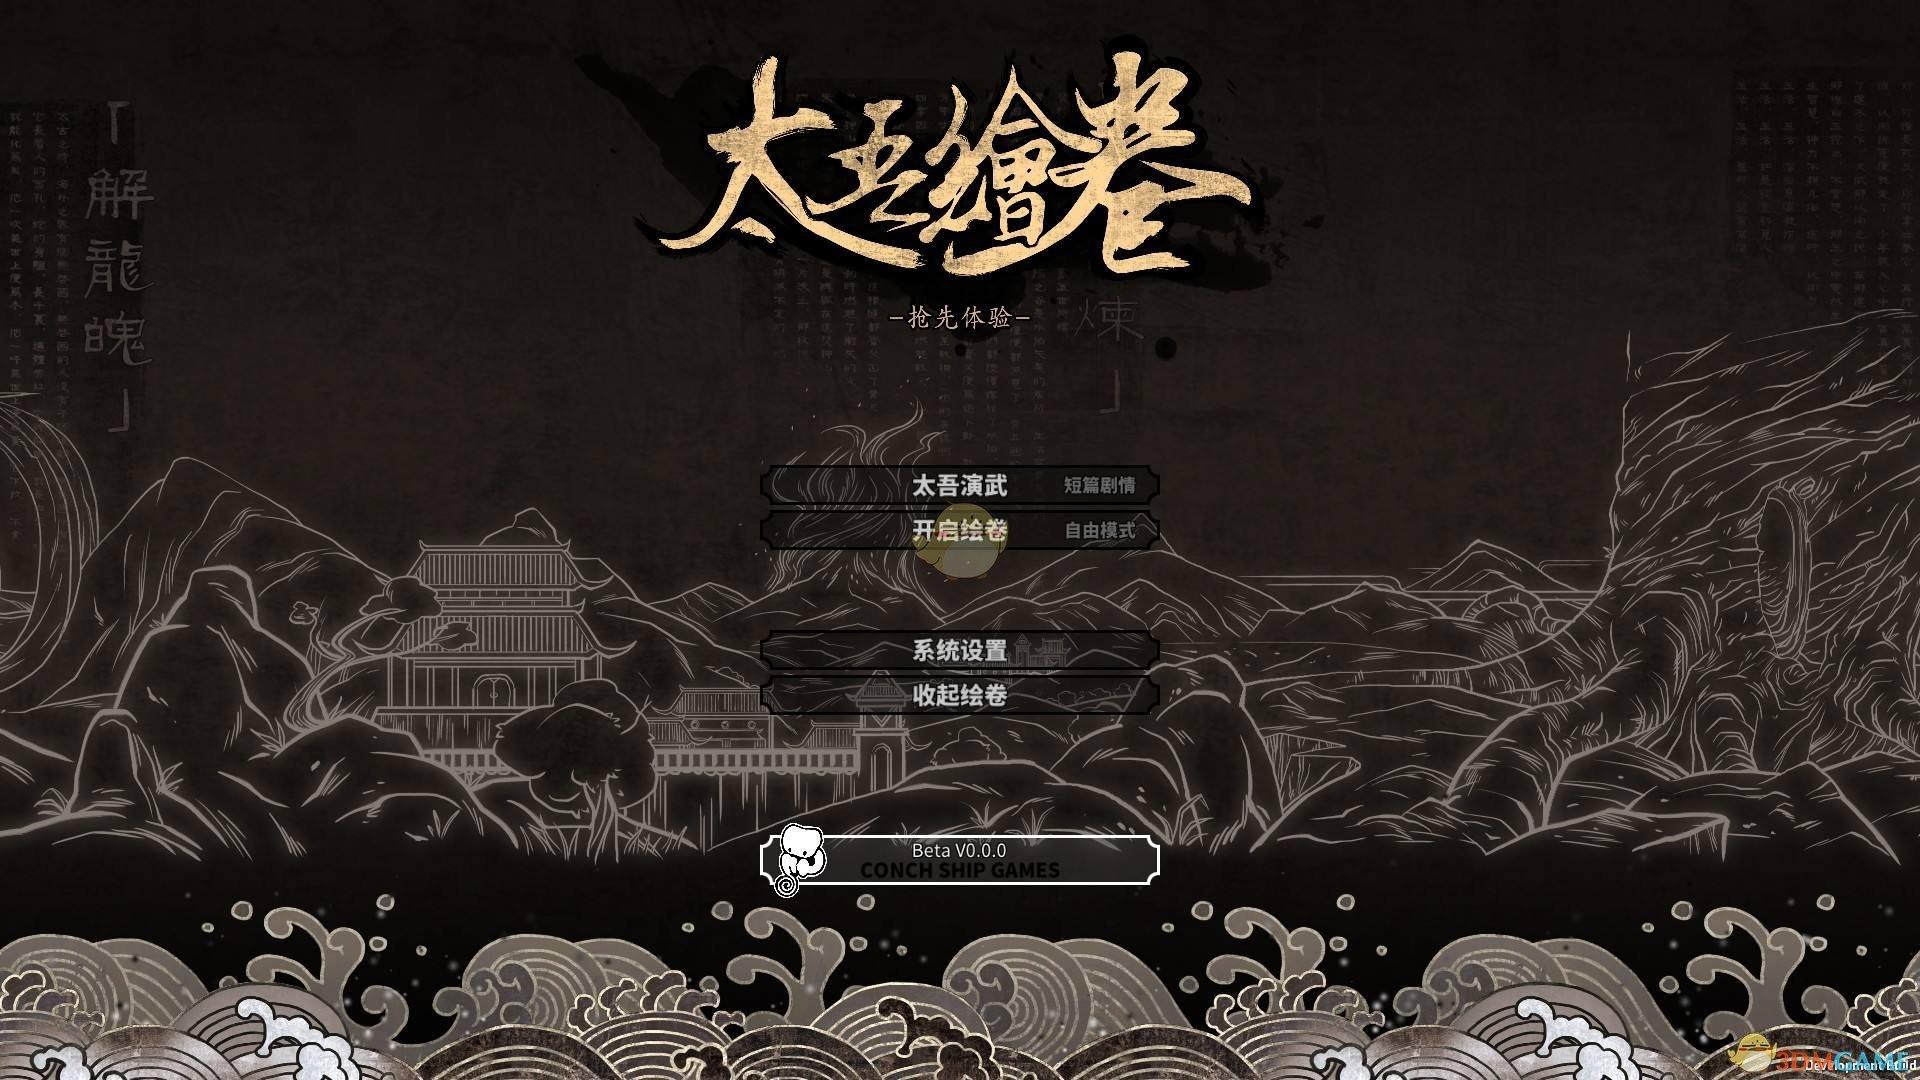 《太吾绘卷》v0.1.4版别更新介绍